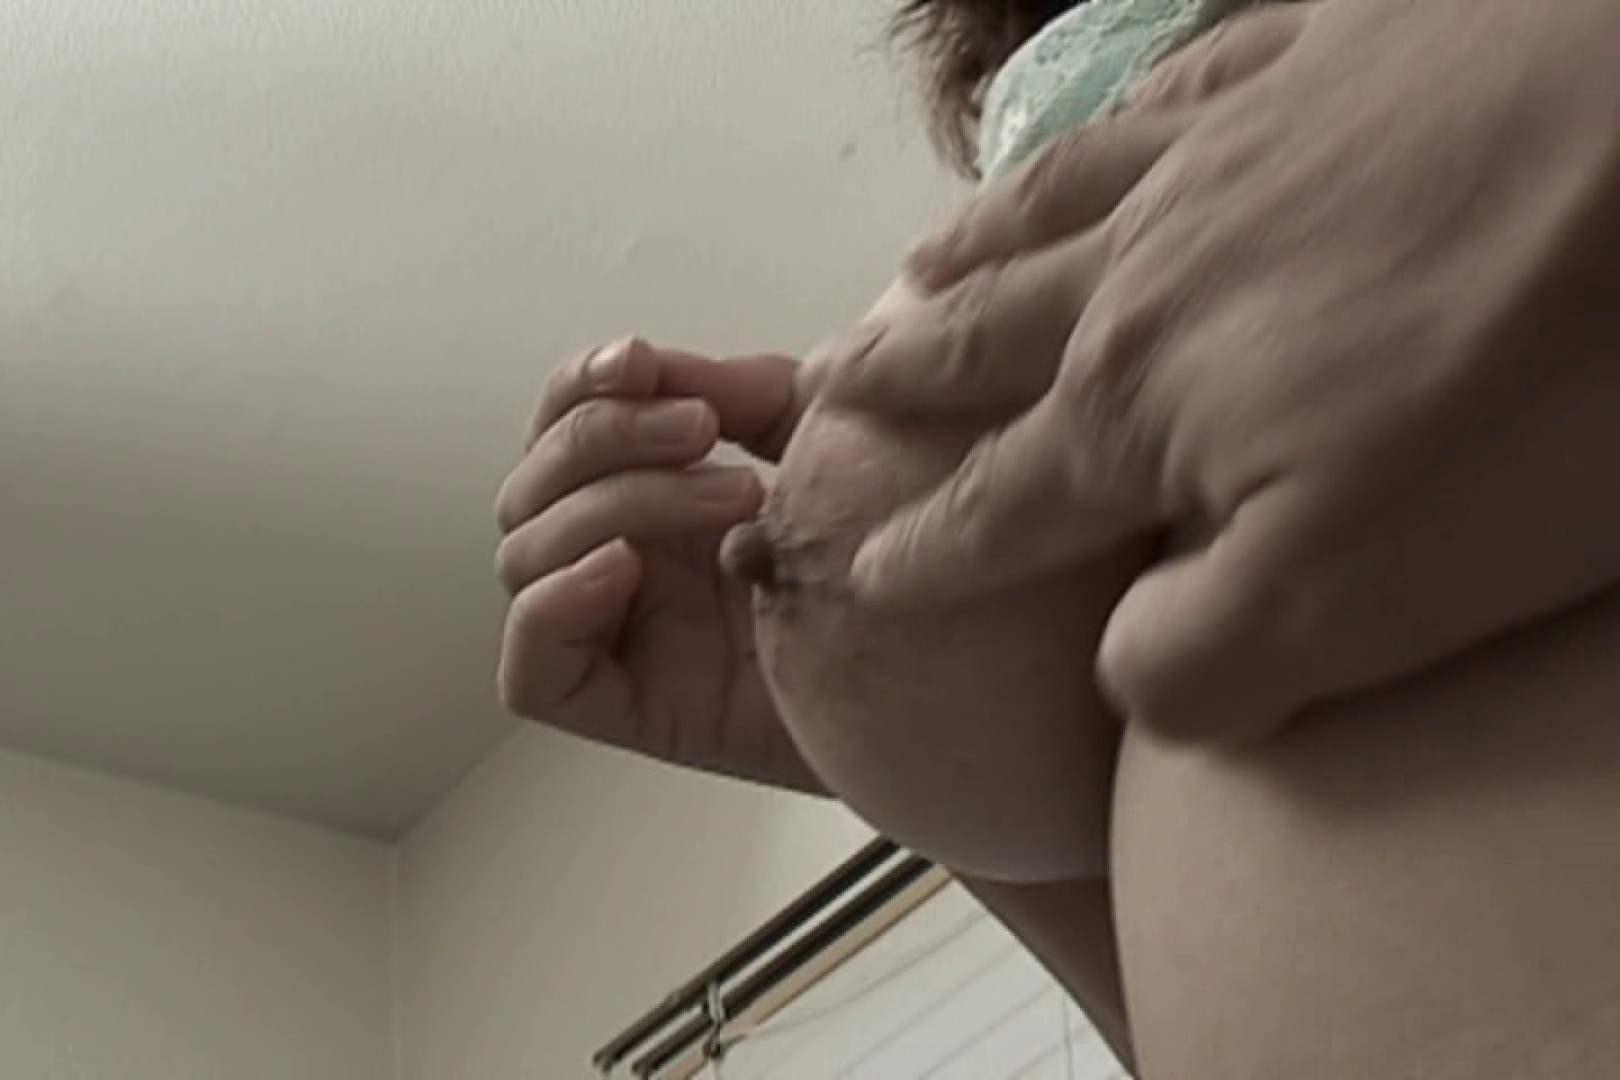 未婚の熟女、だれか慰めて~米田あさみ~ 熟女丸裸 濡れ場動画紹介 99pic 45